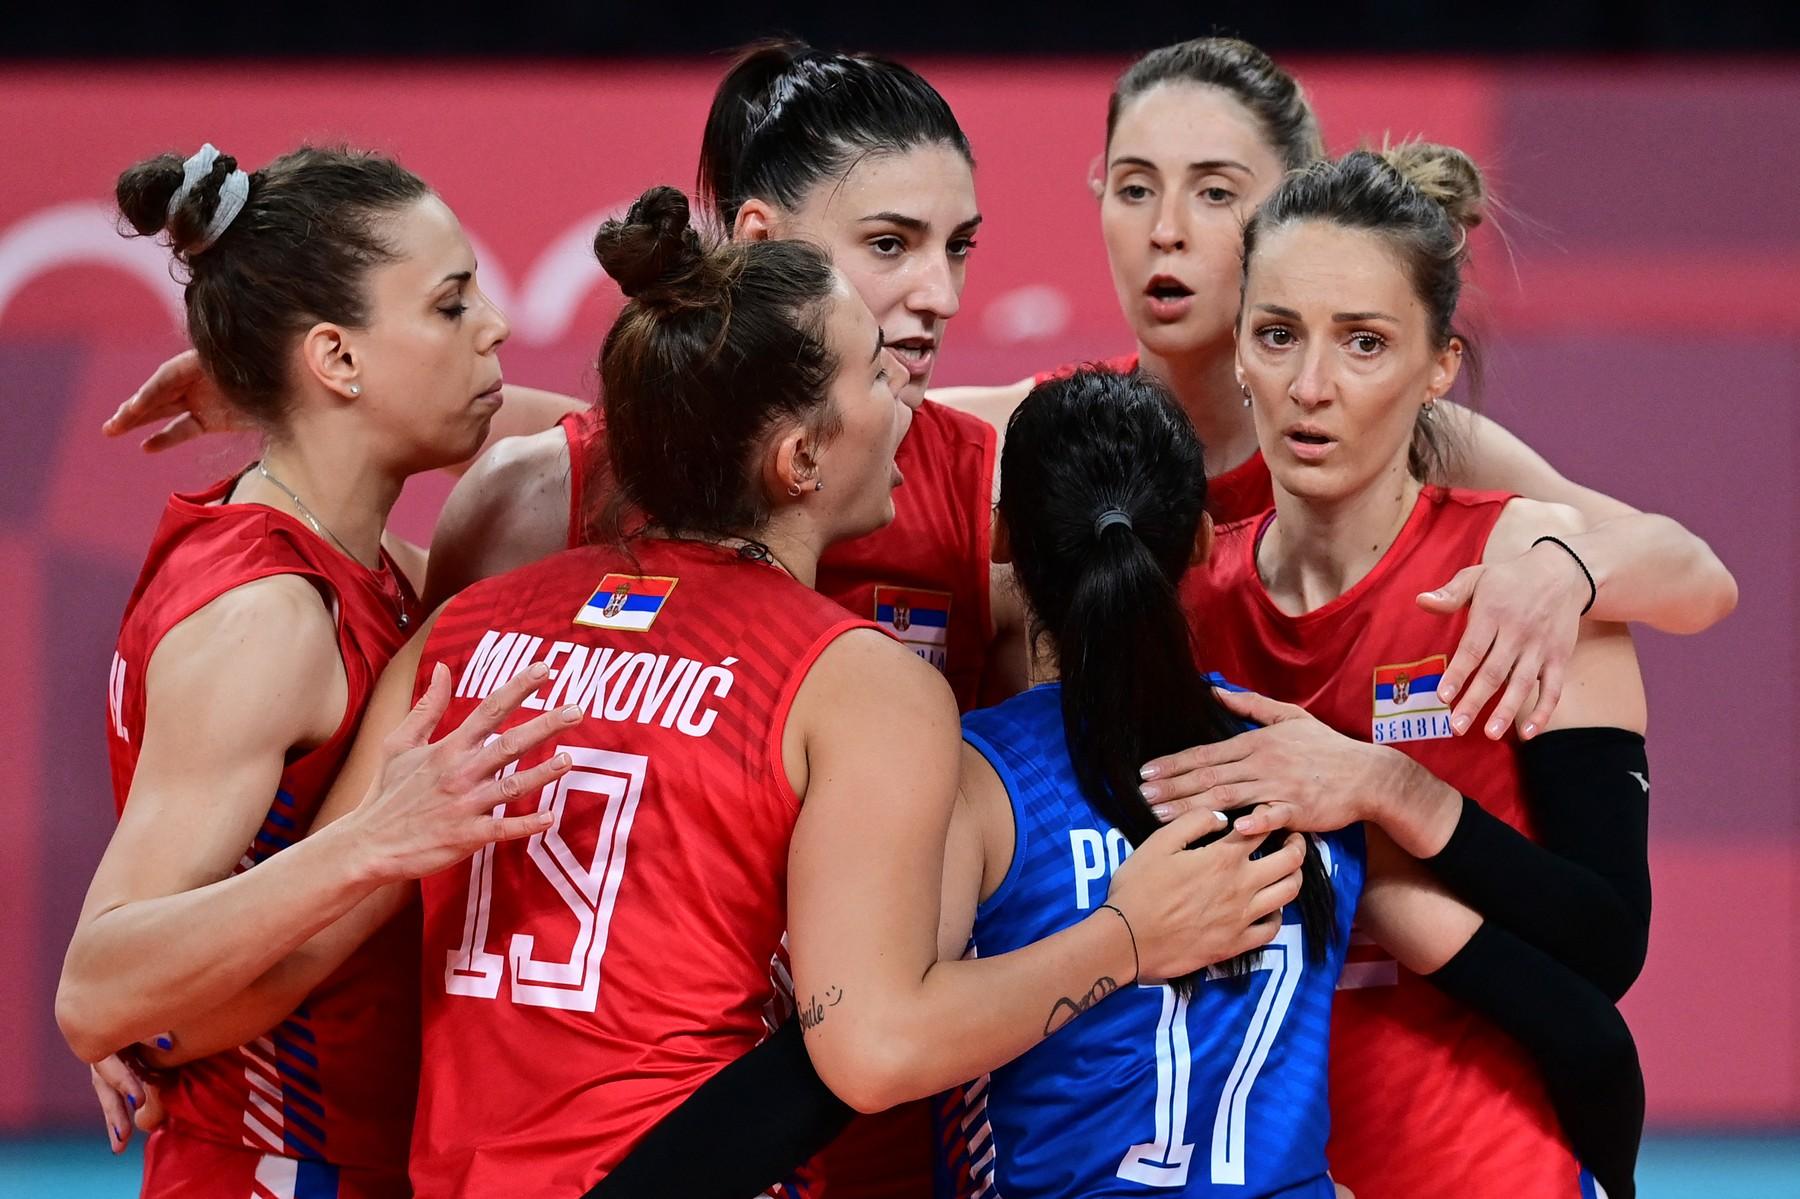 Srbija, Italija, odbojka, žene, odbojkašice, Olimpijada